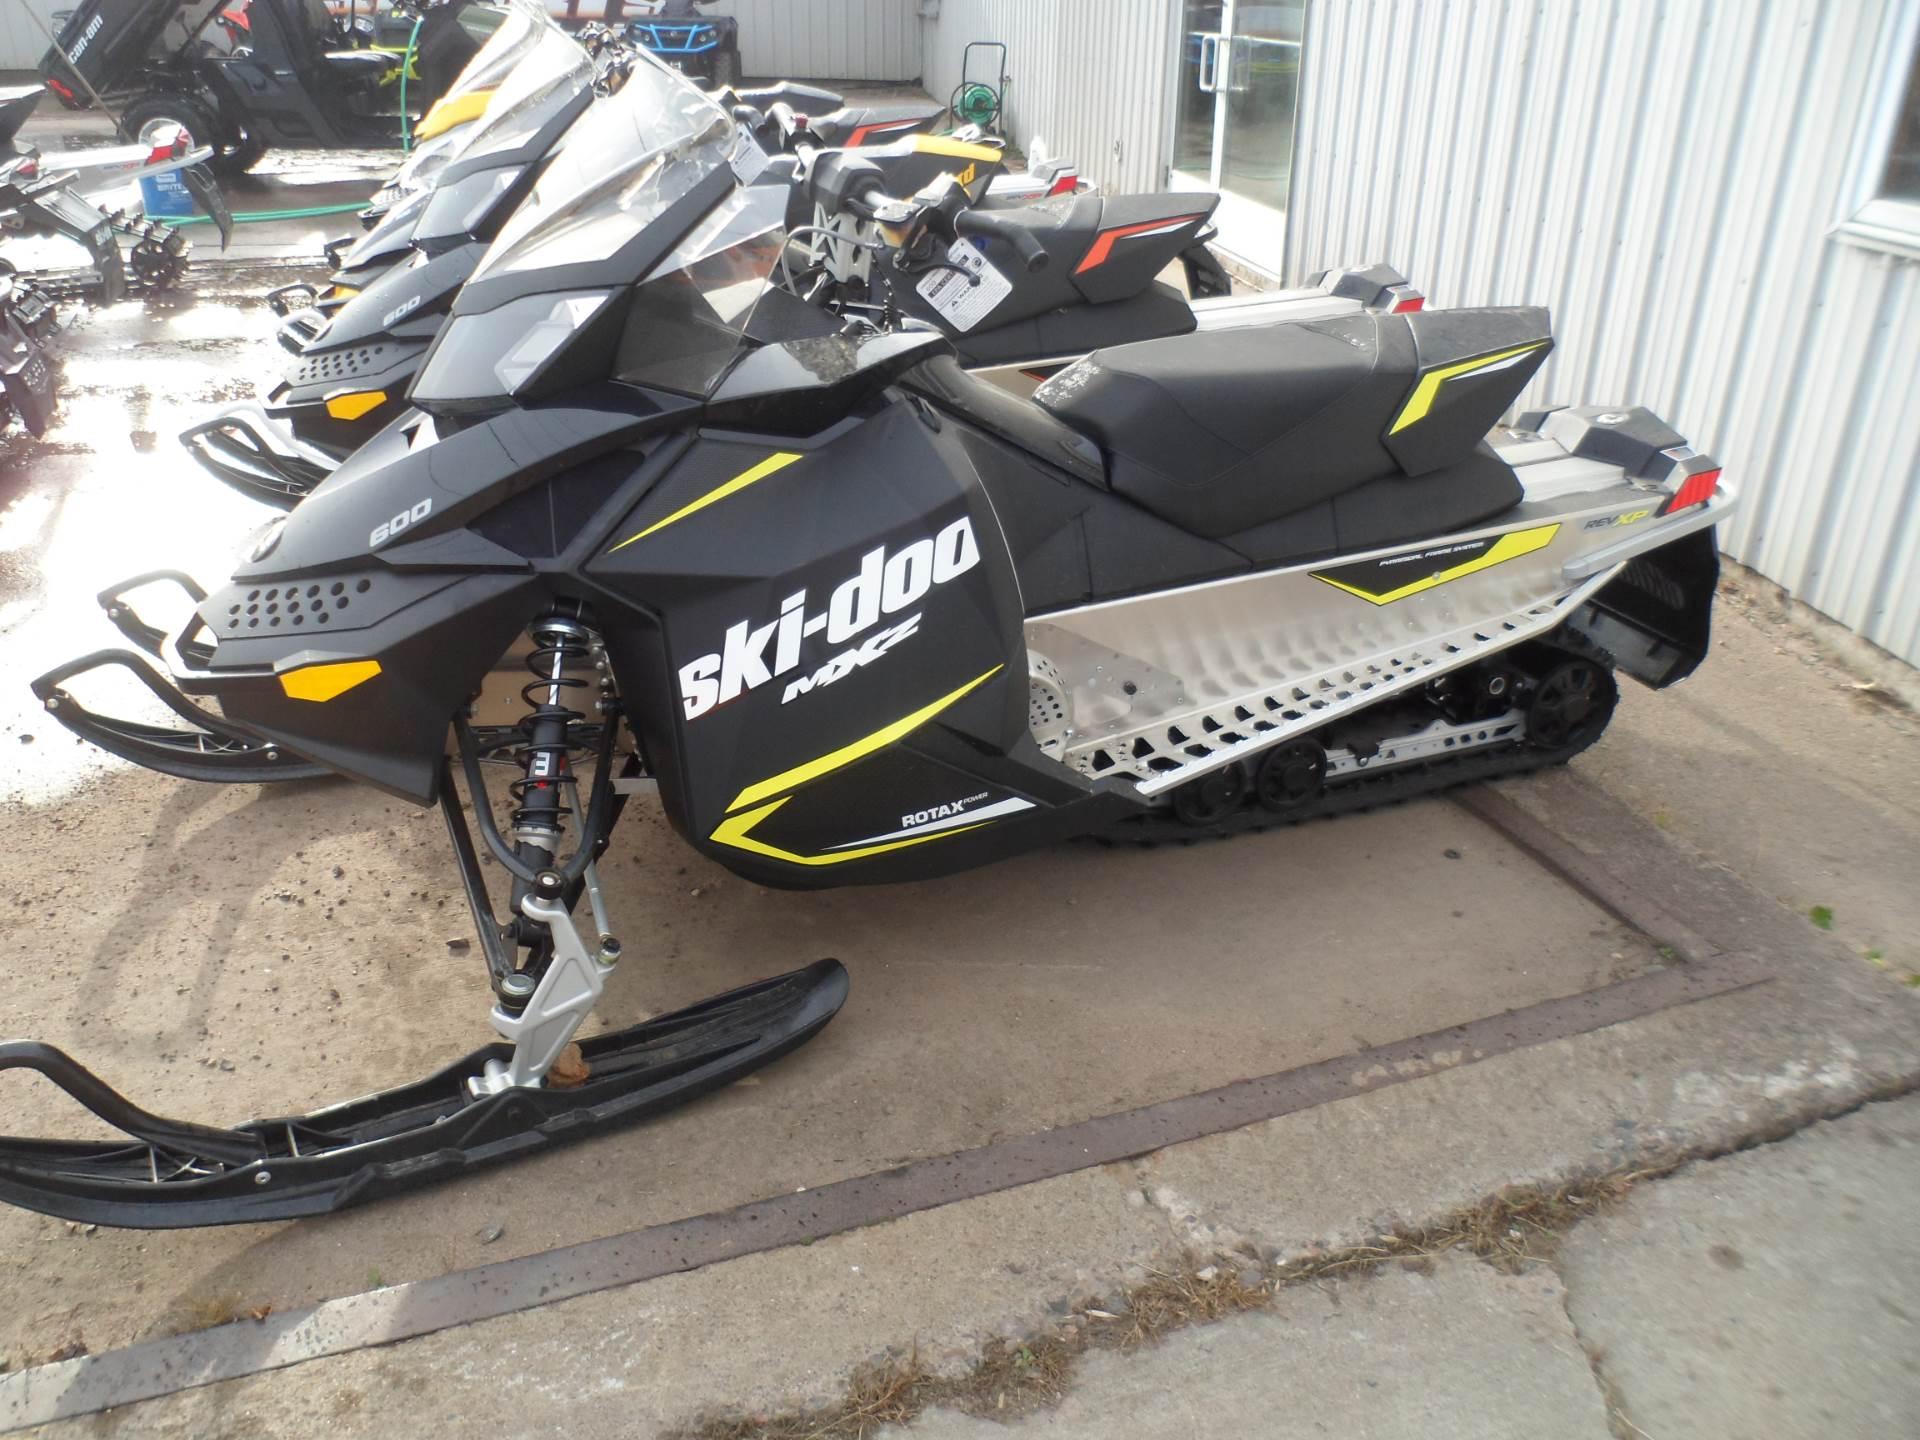 2017 Ski-Doo MXZ Sport 600 Carb in Rice Lake, Wisconsin